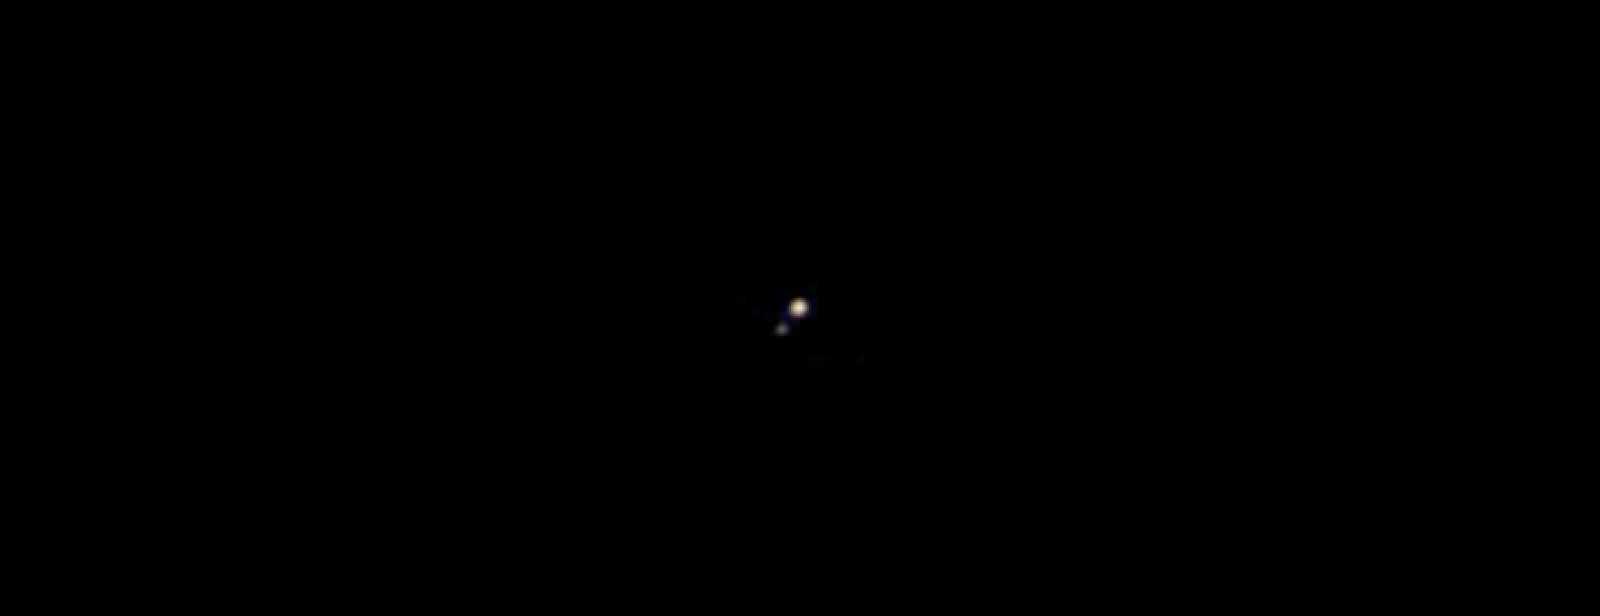 Primera imagen en color de Plutón de uno de sus cinco satélites, Caronte.